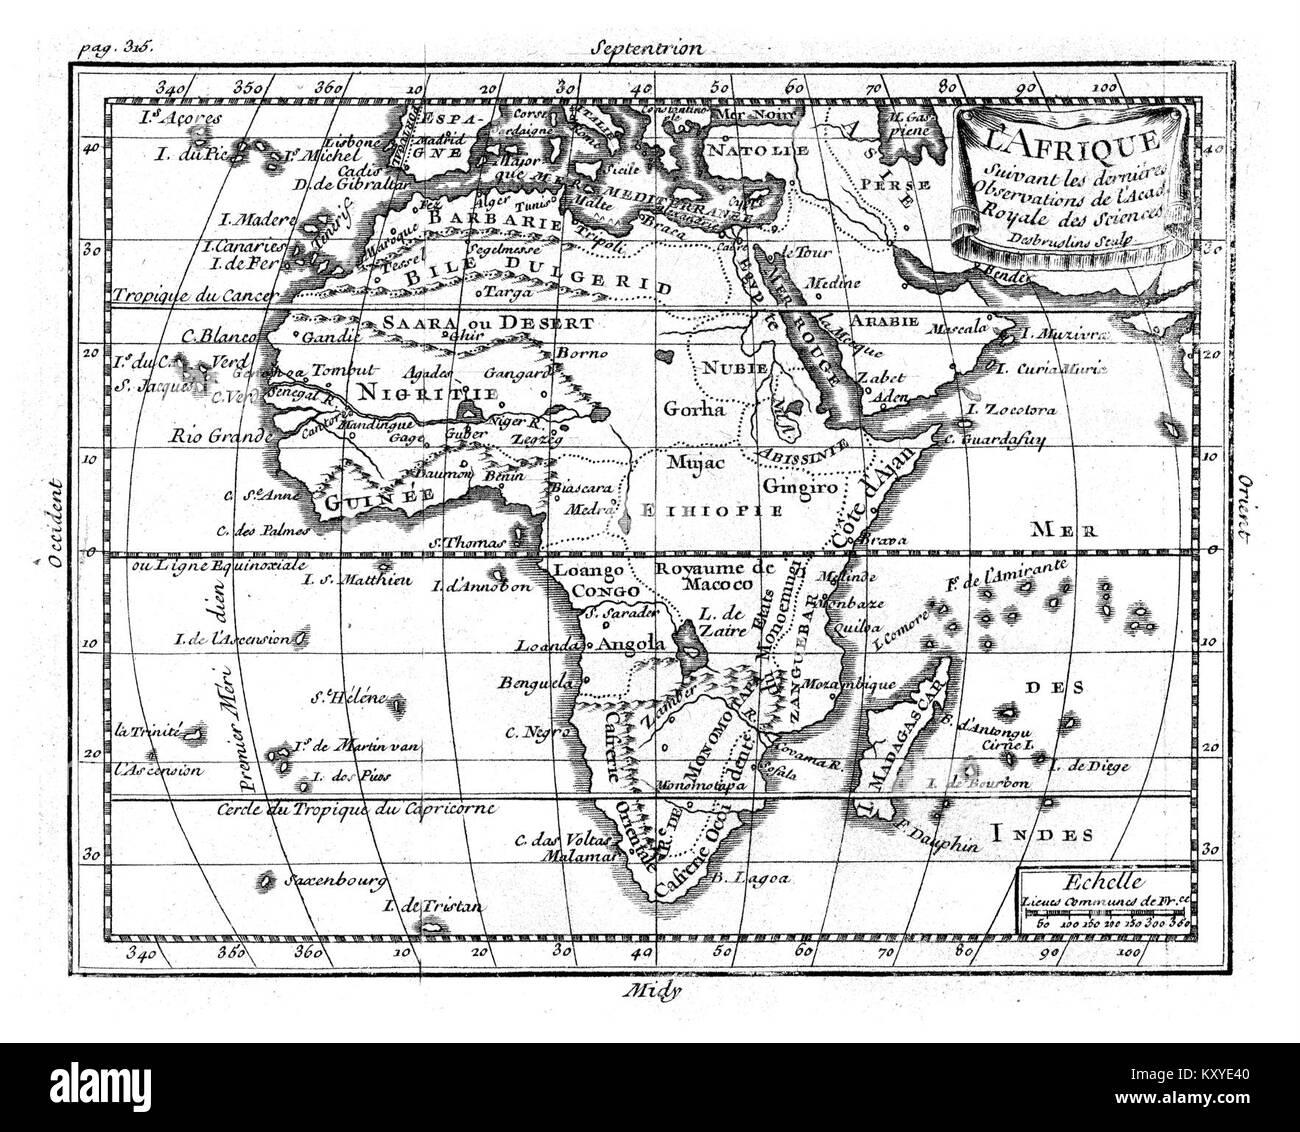 Géographie Buffier-carte de l'Afrique-NB - Stock Image